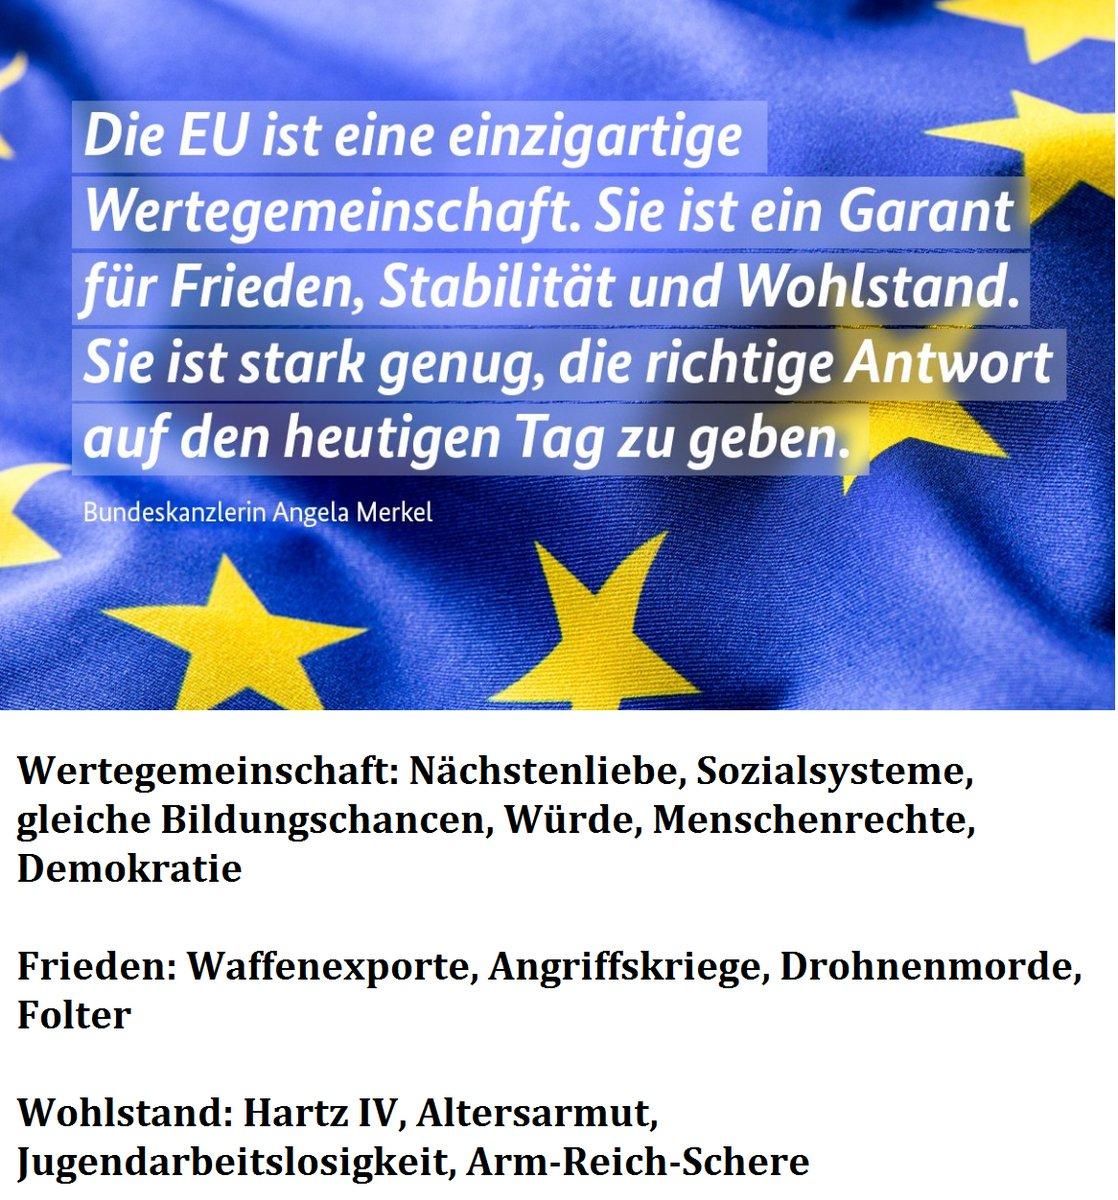 Das ist die Merkel-EU. Demokratiefeindlich, ein Moloch, der Deutschland als Spielball Merkels zerstört. #FCK?? #Date:06.2016#